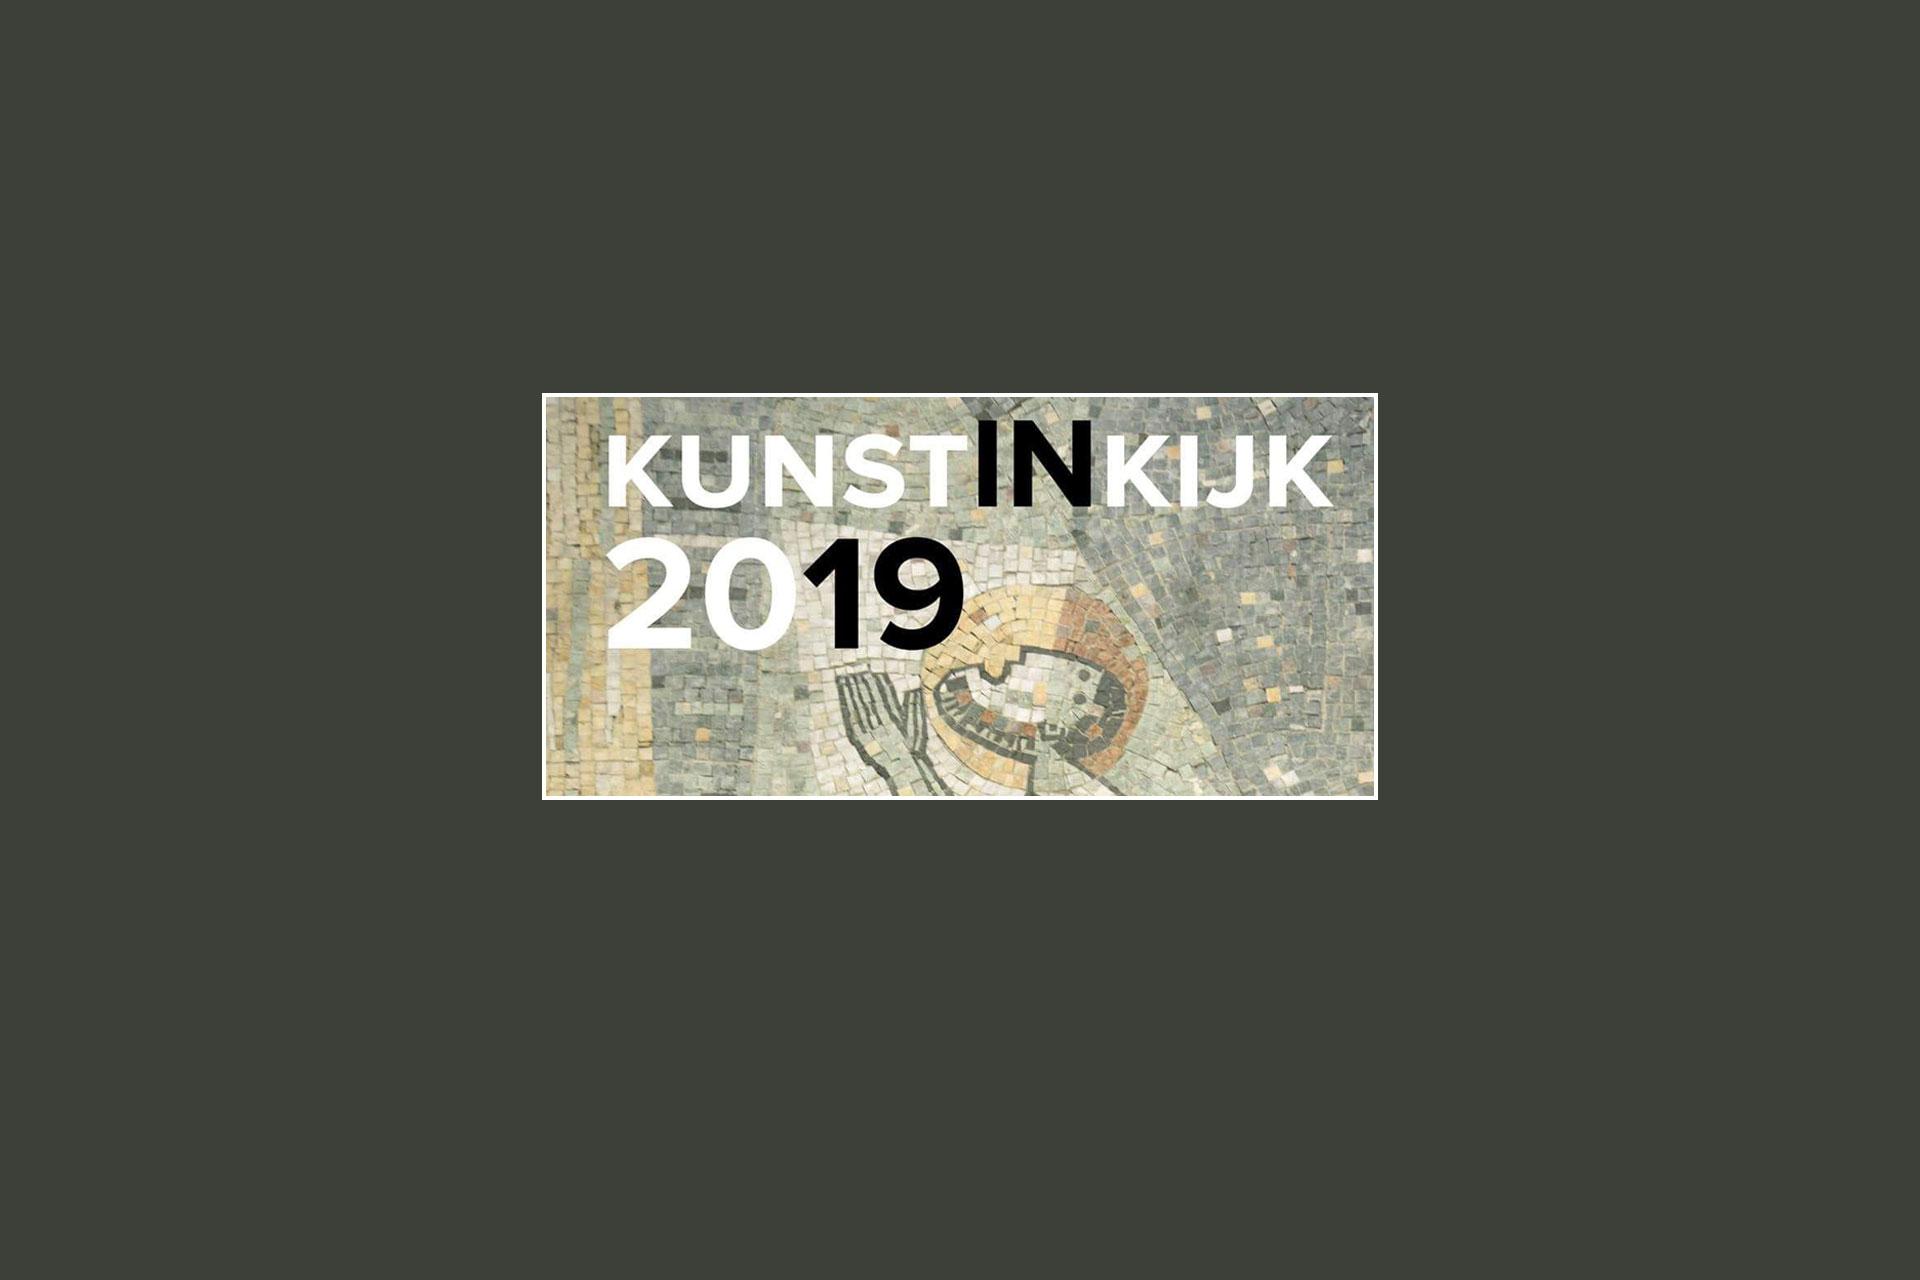 Kunstinkijk 2019